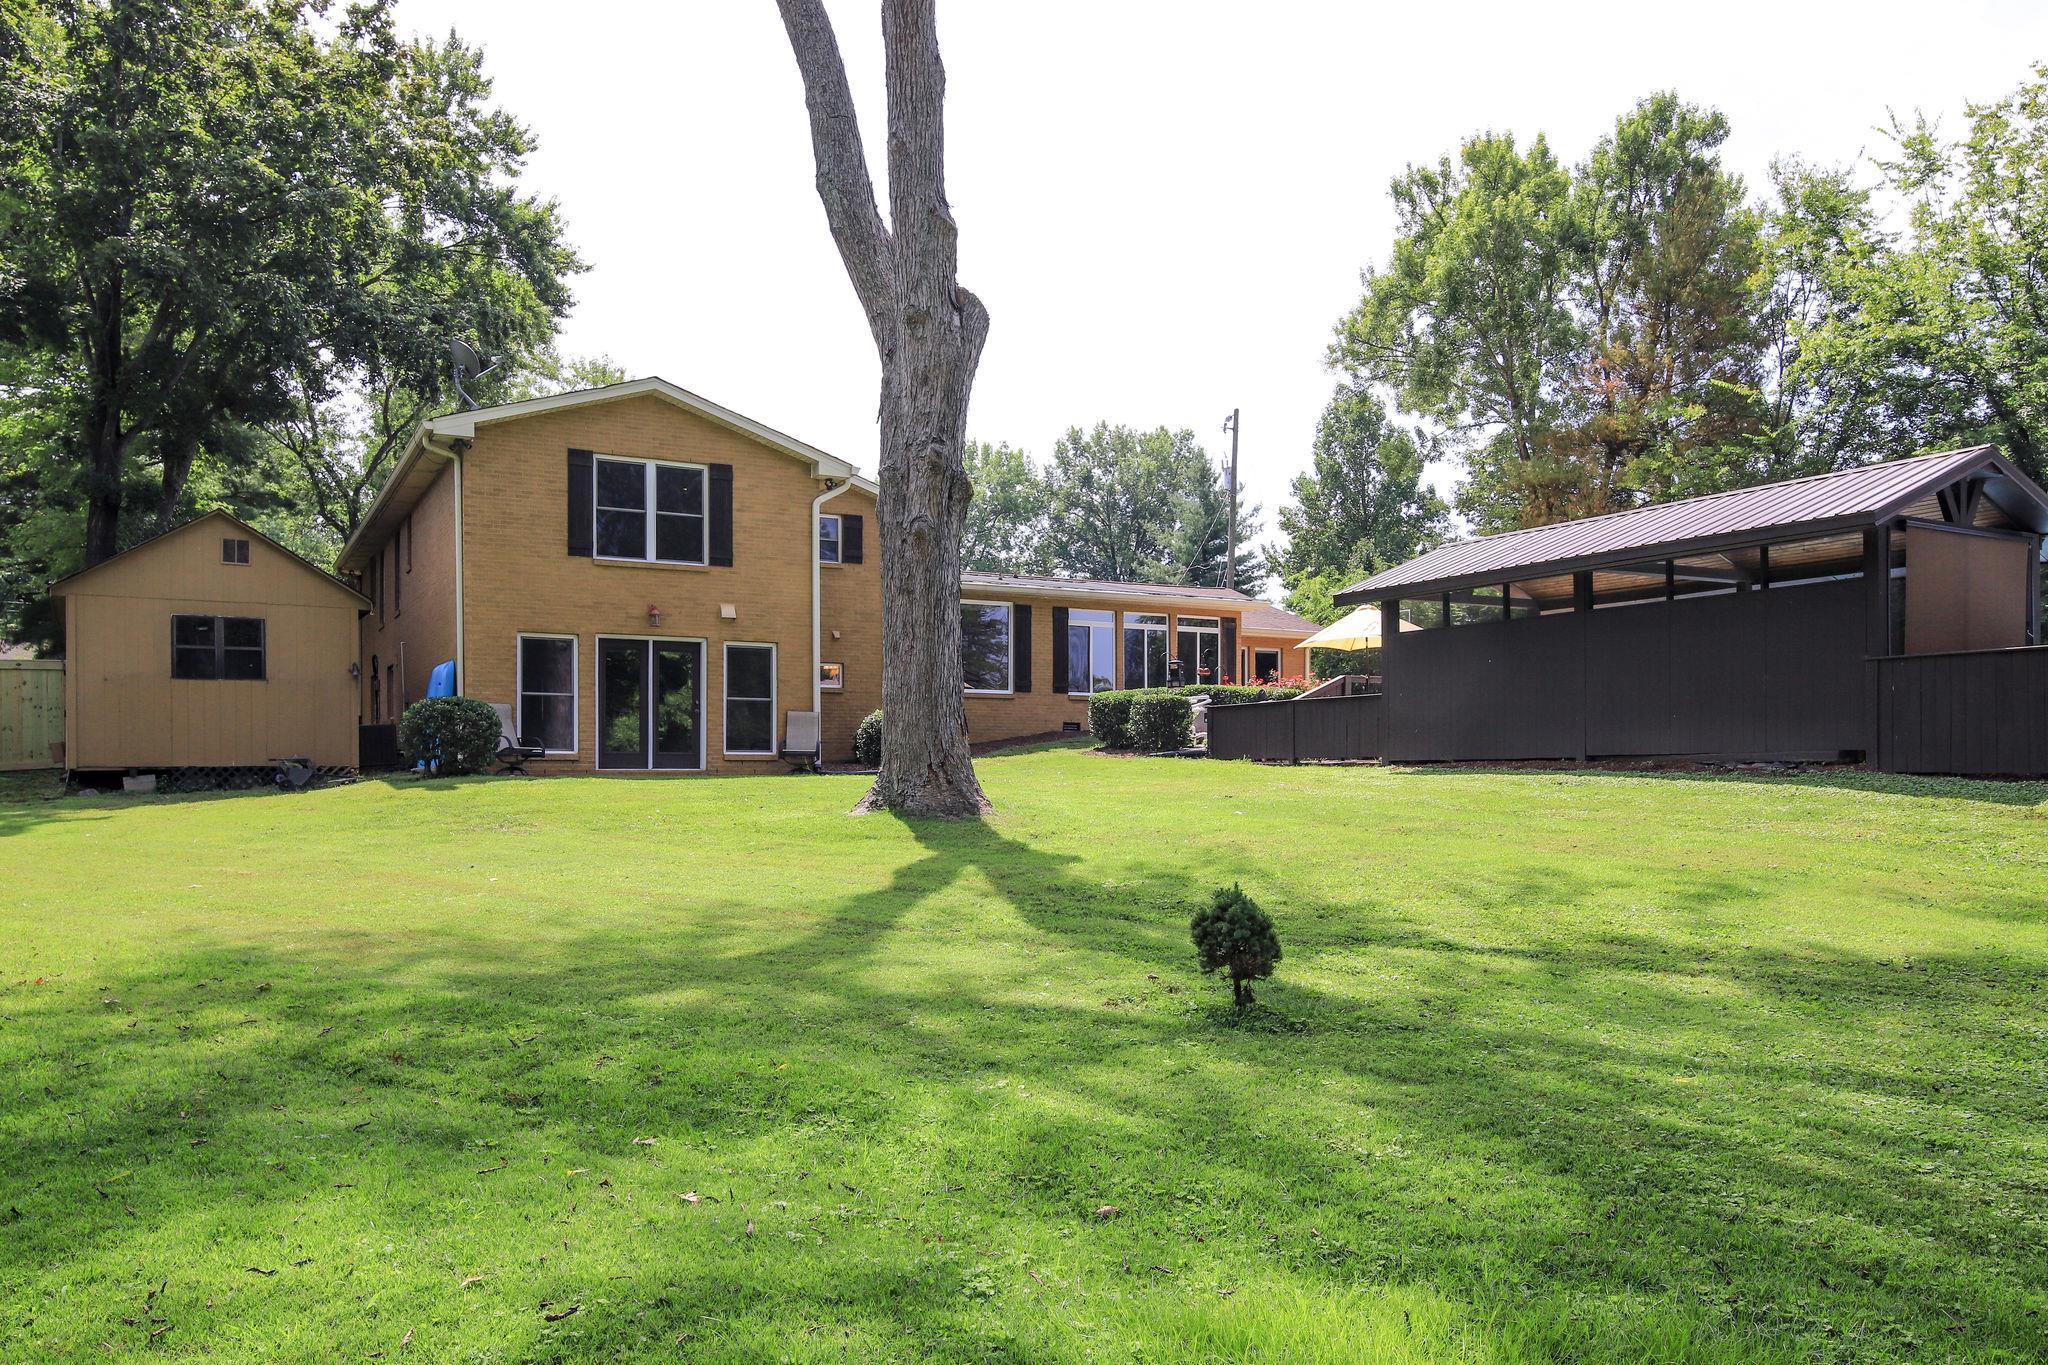 192 Cherokee Rd, Hendersonville, TN 37075 - Hendersonville, TN real estate listing